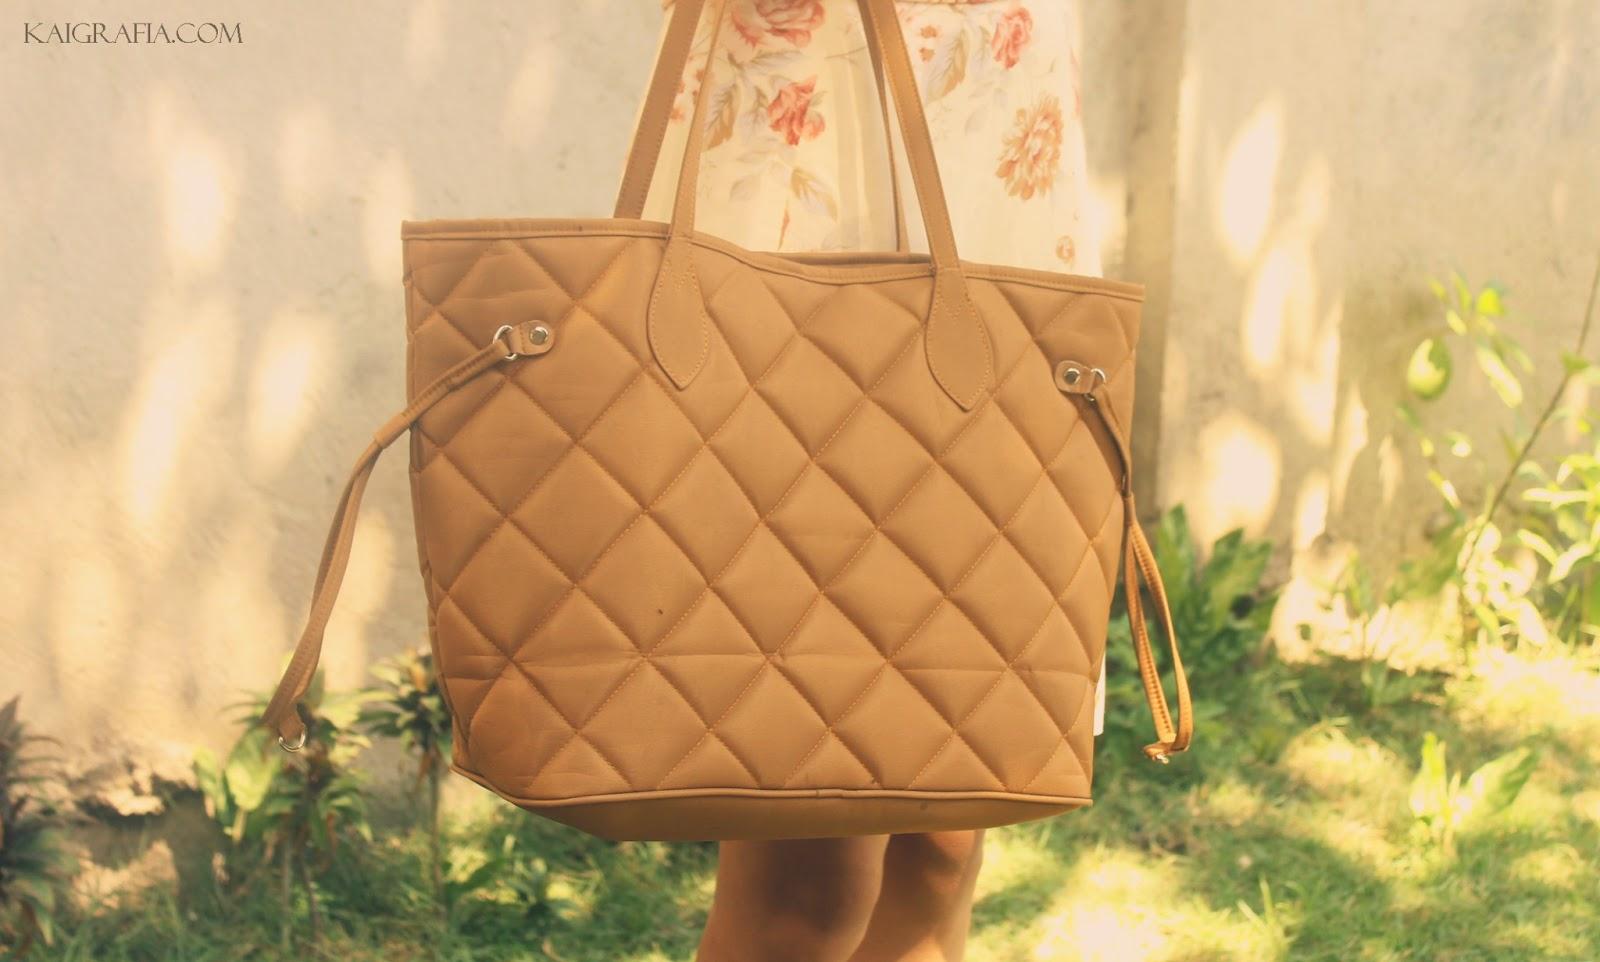 LV Inspired bag affordable tote bag